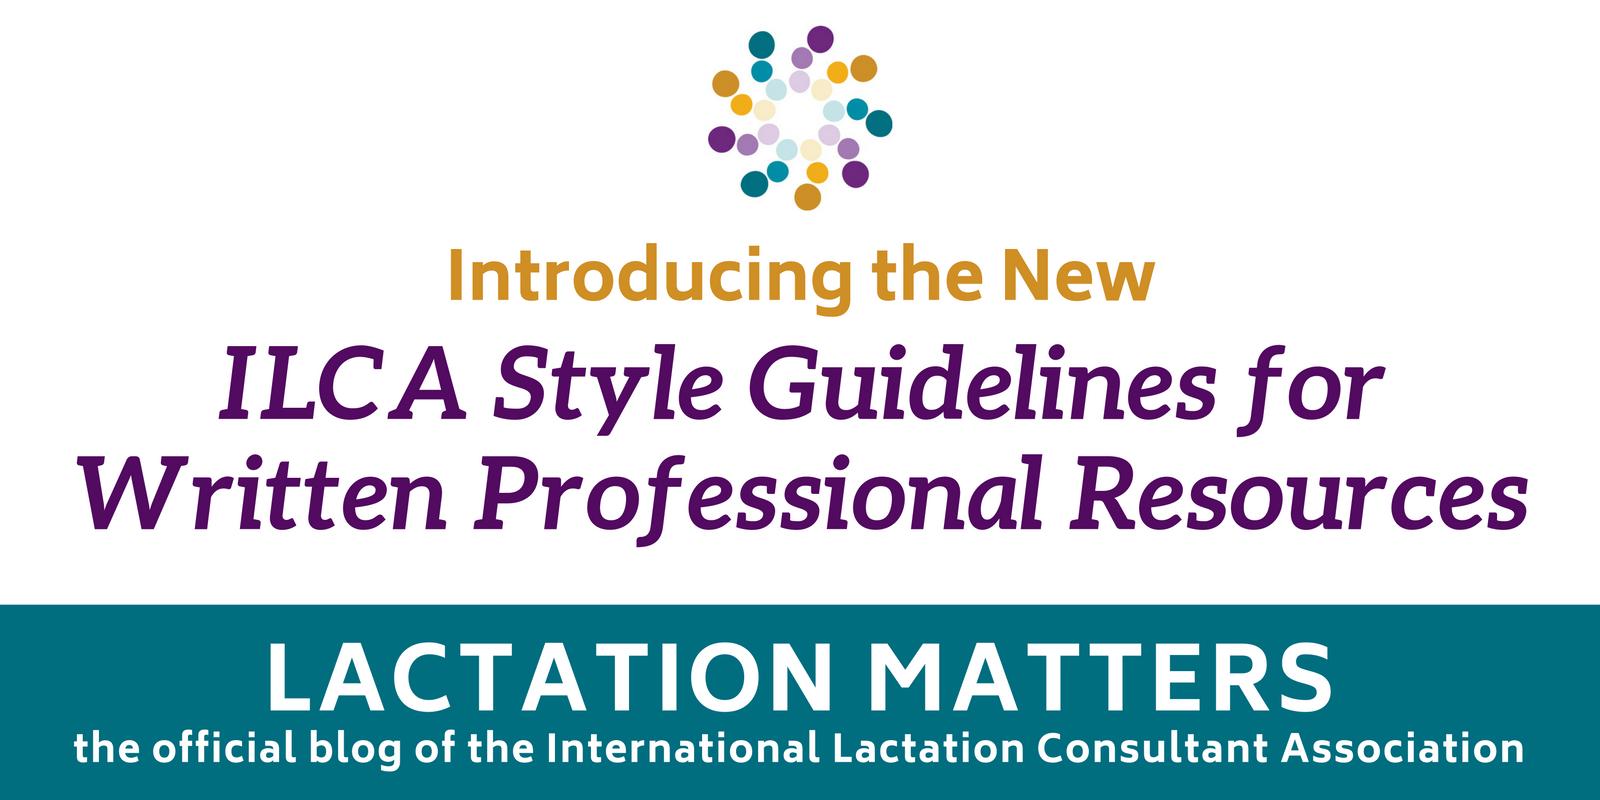 lactation-matters-post-titles